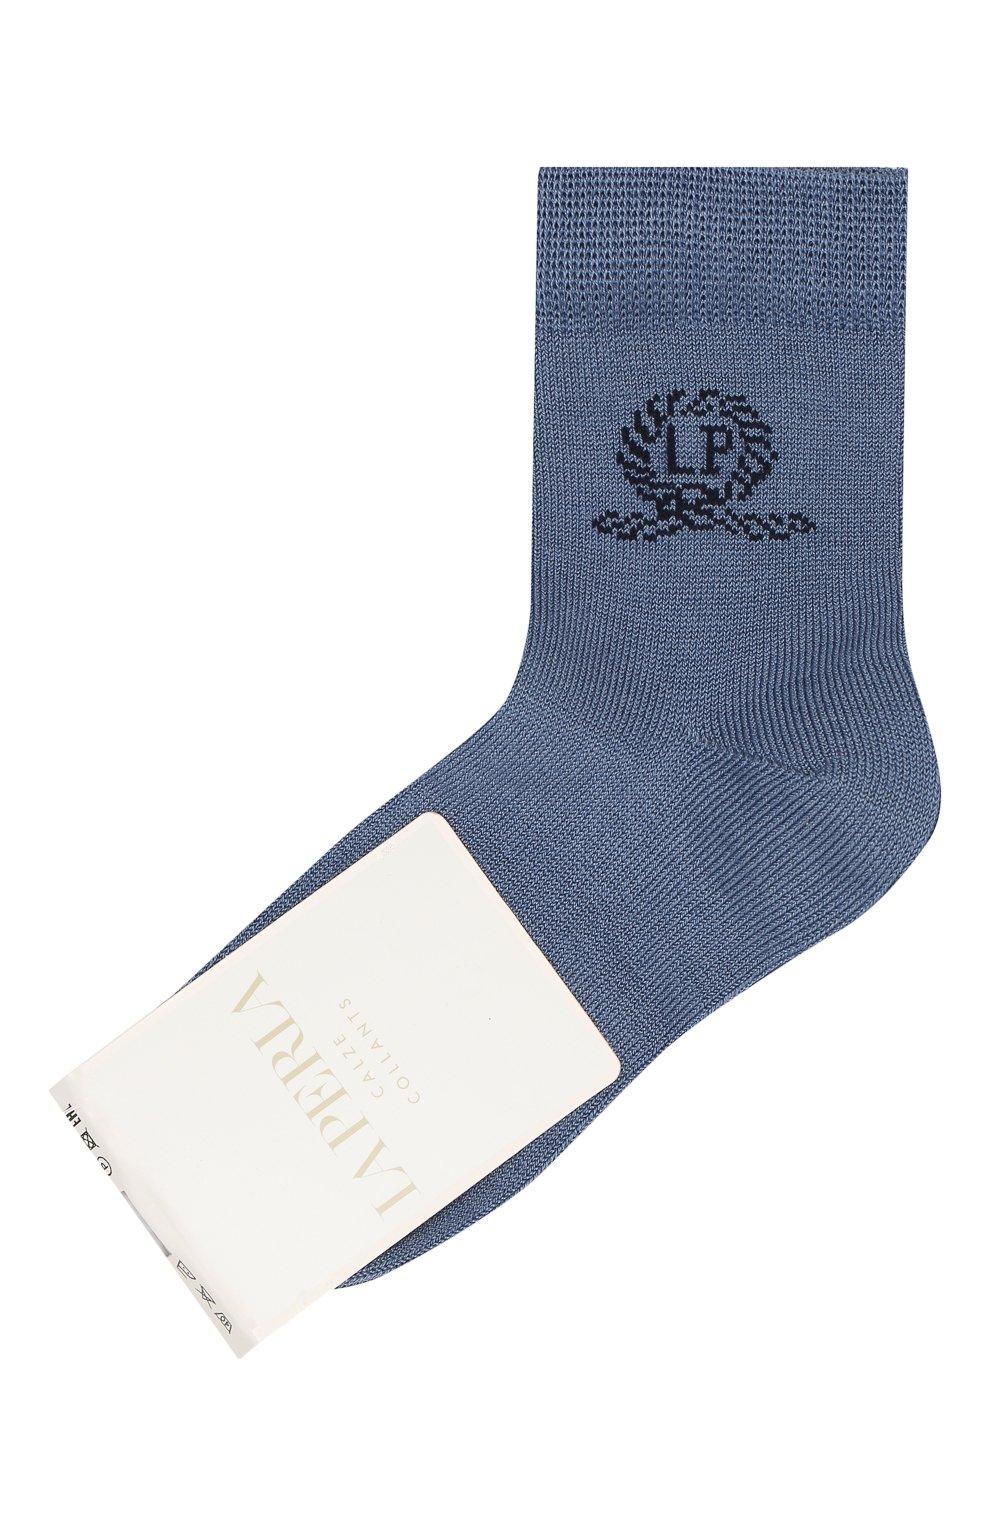 Детские хлопковые носки LA PERLA синего цвета, арт. 42035/1-2 | Фото 1 (Материал: Текстиль, Хлопок)